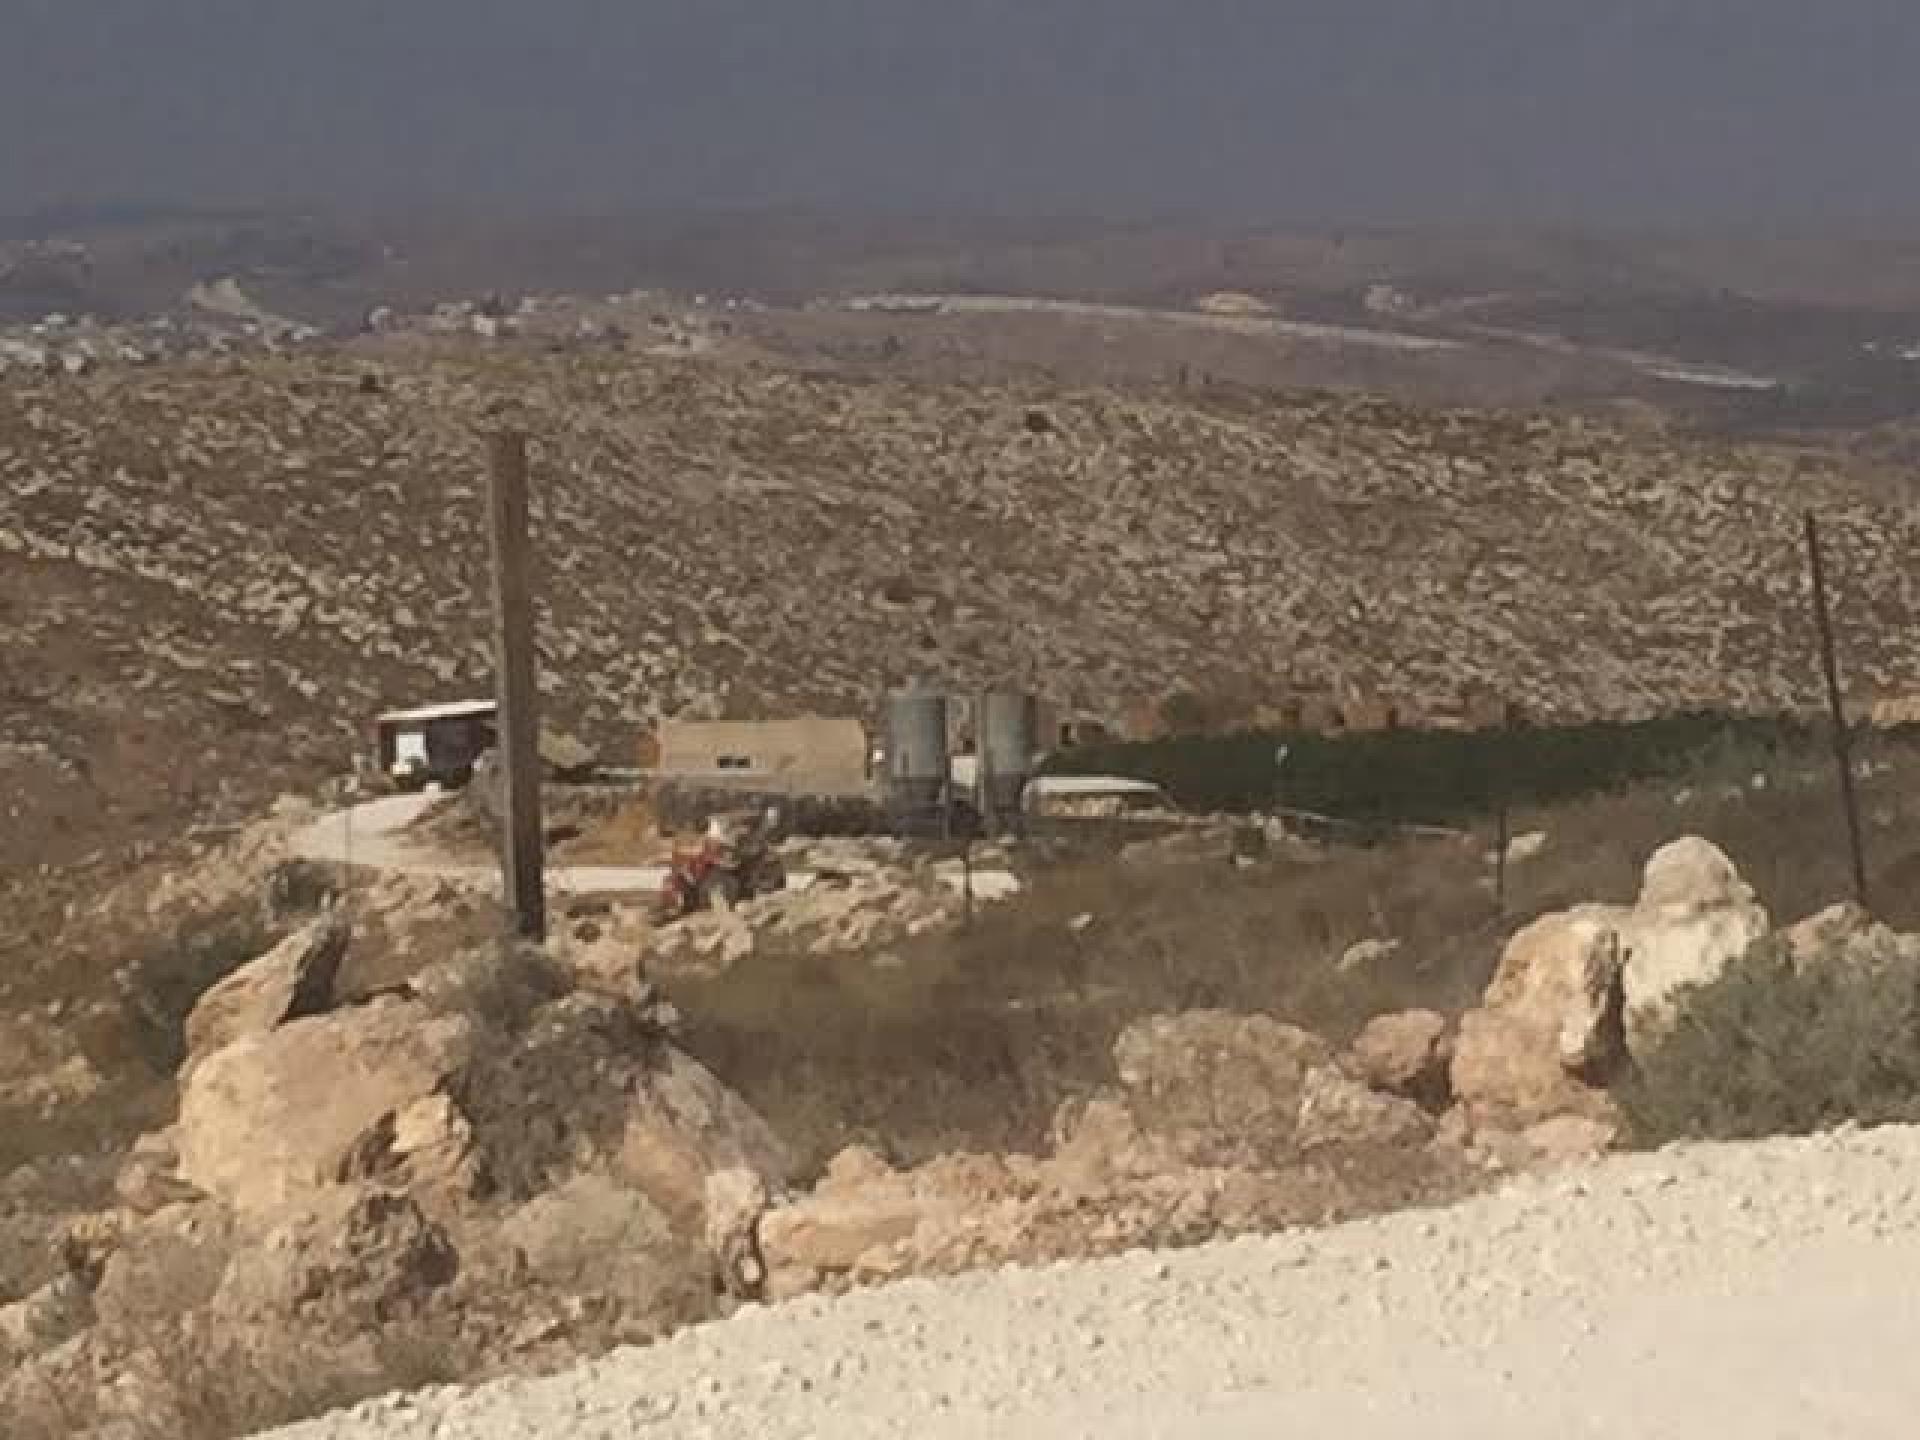 הכשרת גבעה שלישית ליד נגוהות לאדוני הארץ. כך גוזלים אדמות פרטיות של פלסטינים